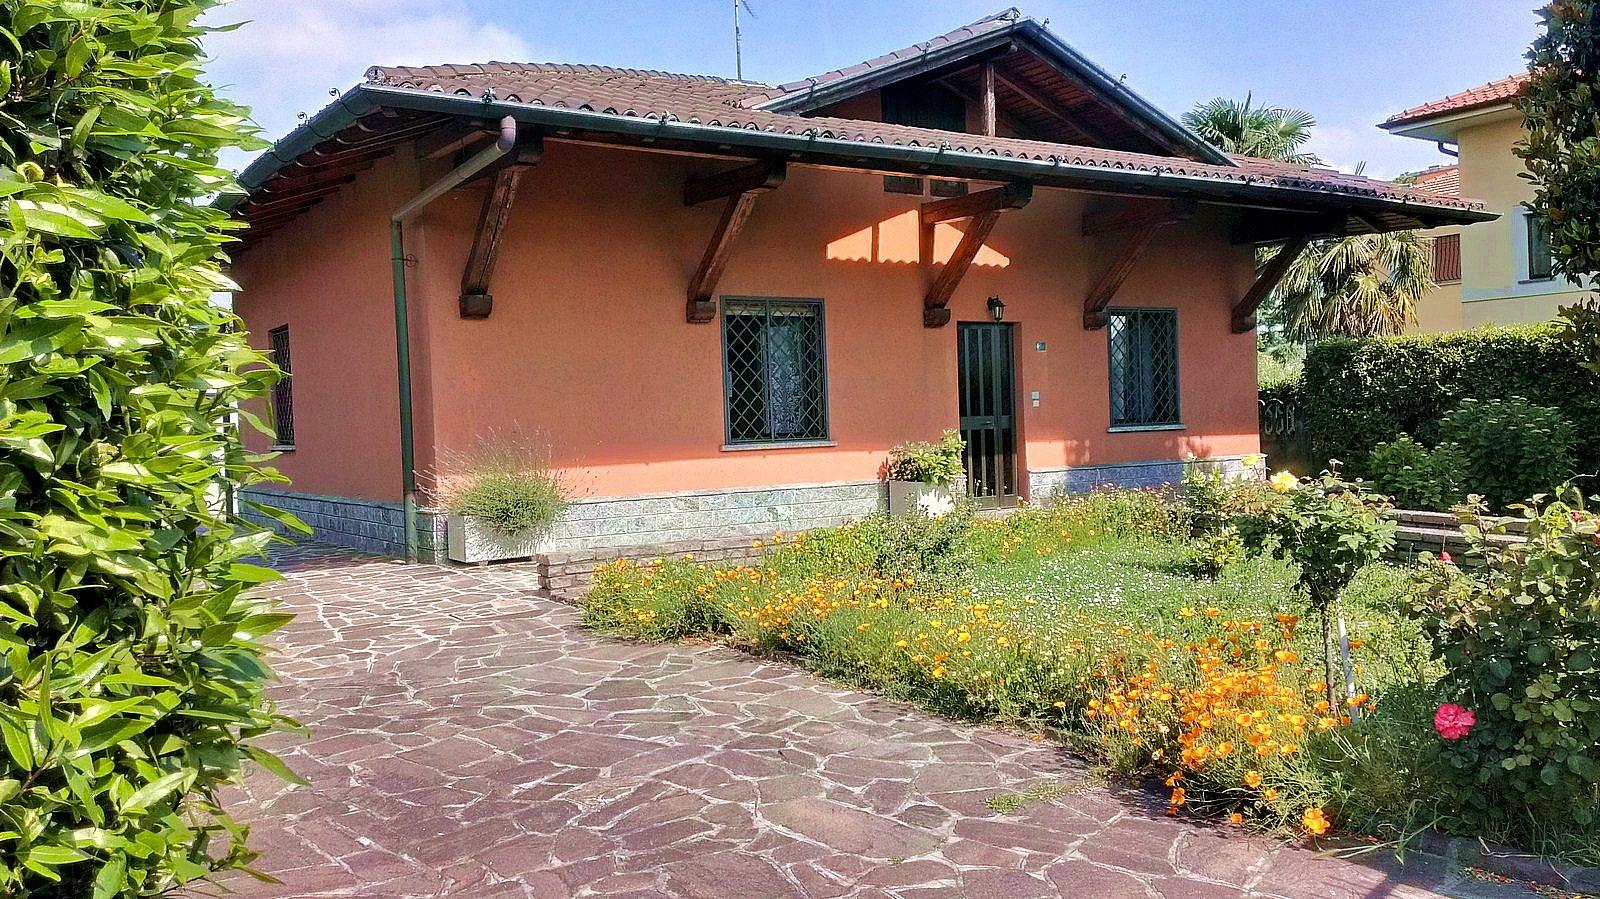 Soluzione Indipendente in vendita a Briosco, 4 locali, prezzo € 330.000 | Cambio Casa.it